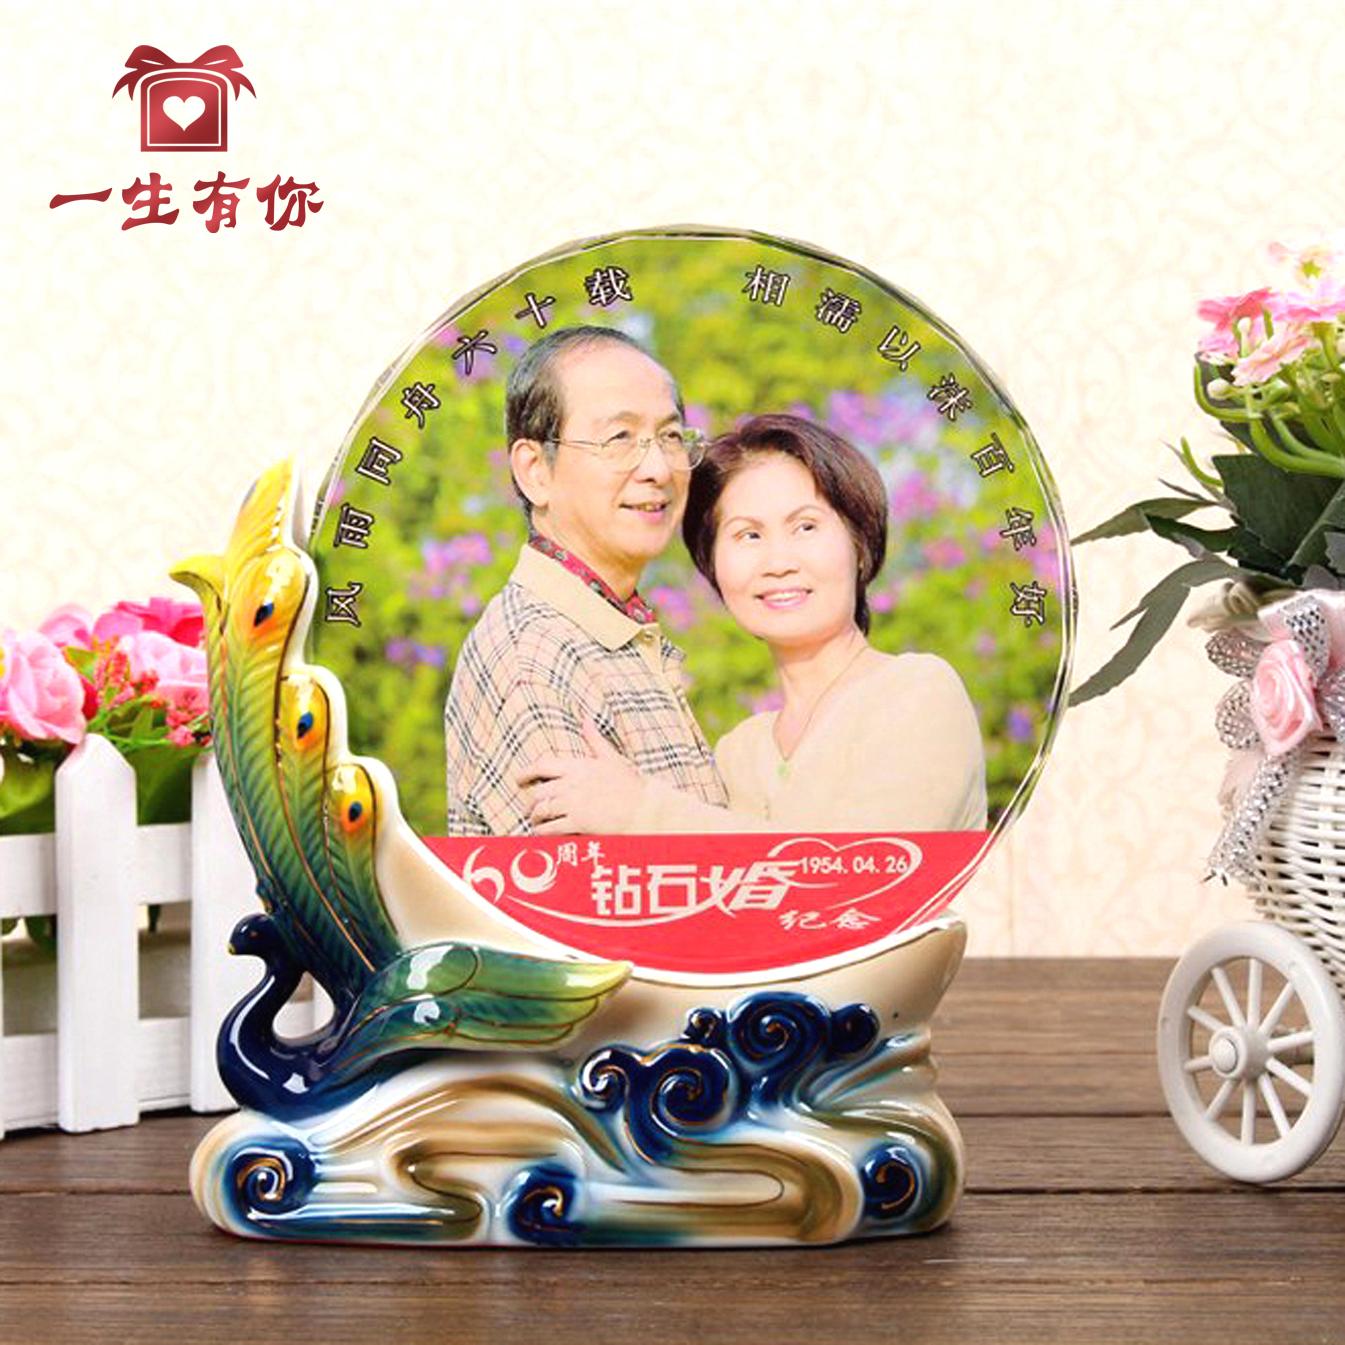 高档金婚照片定制创意生日礼物特别送父母亲老人祝寿爸妈银婚纪念